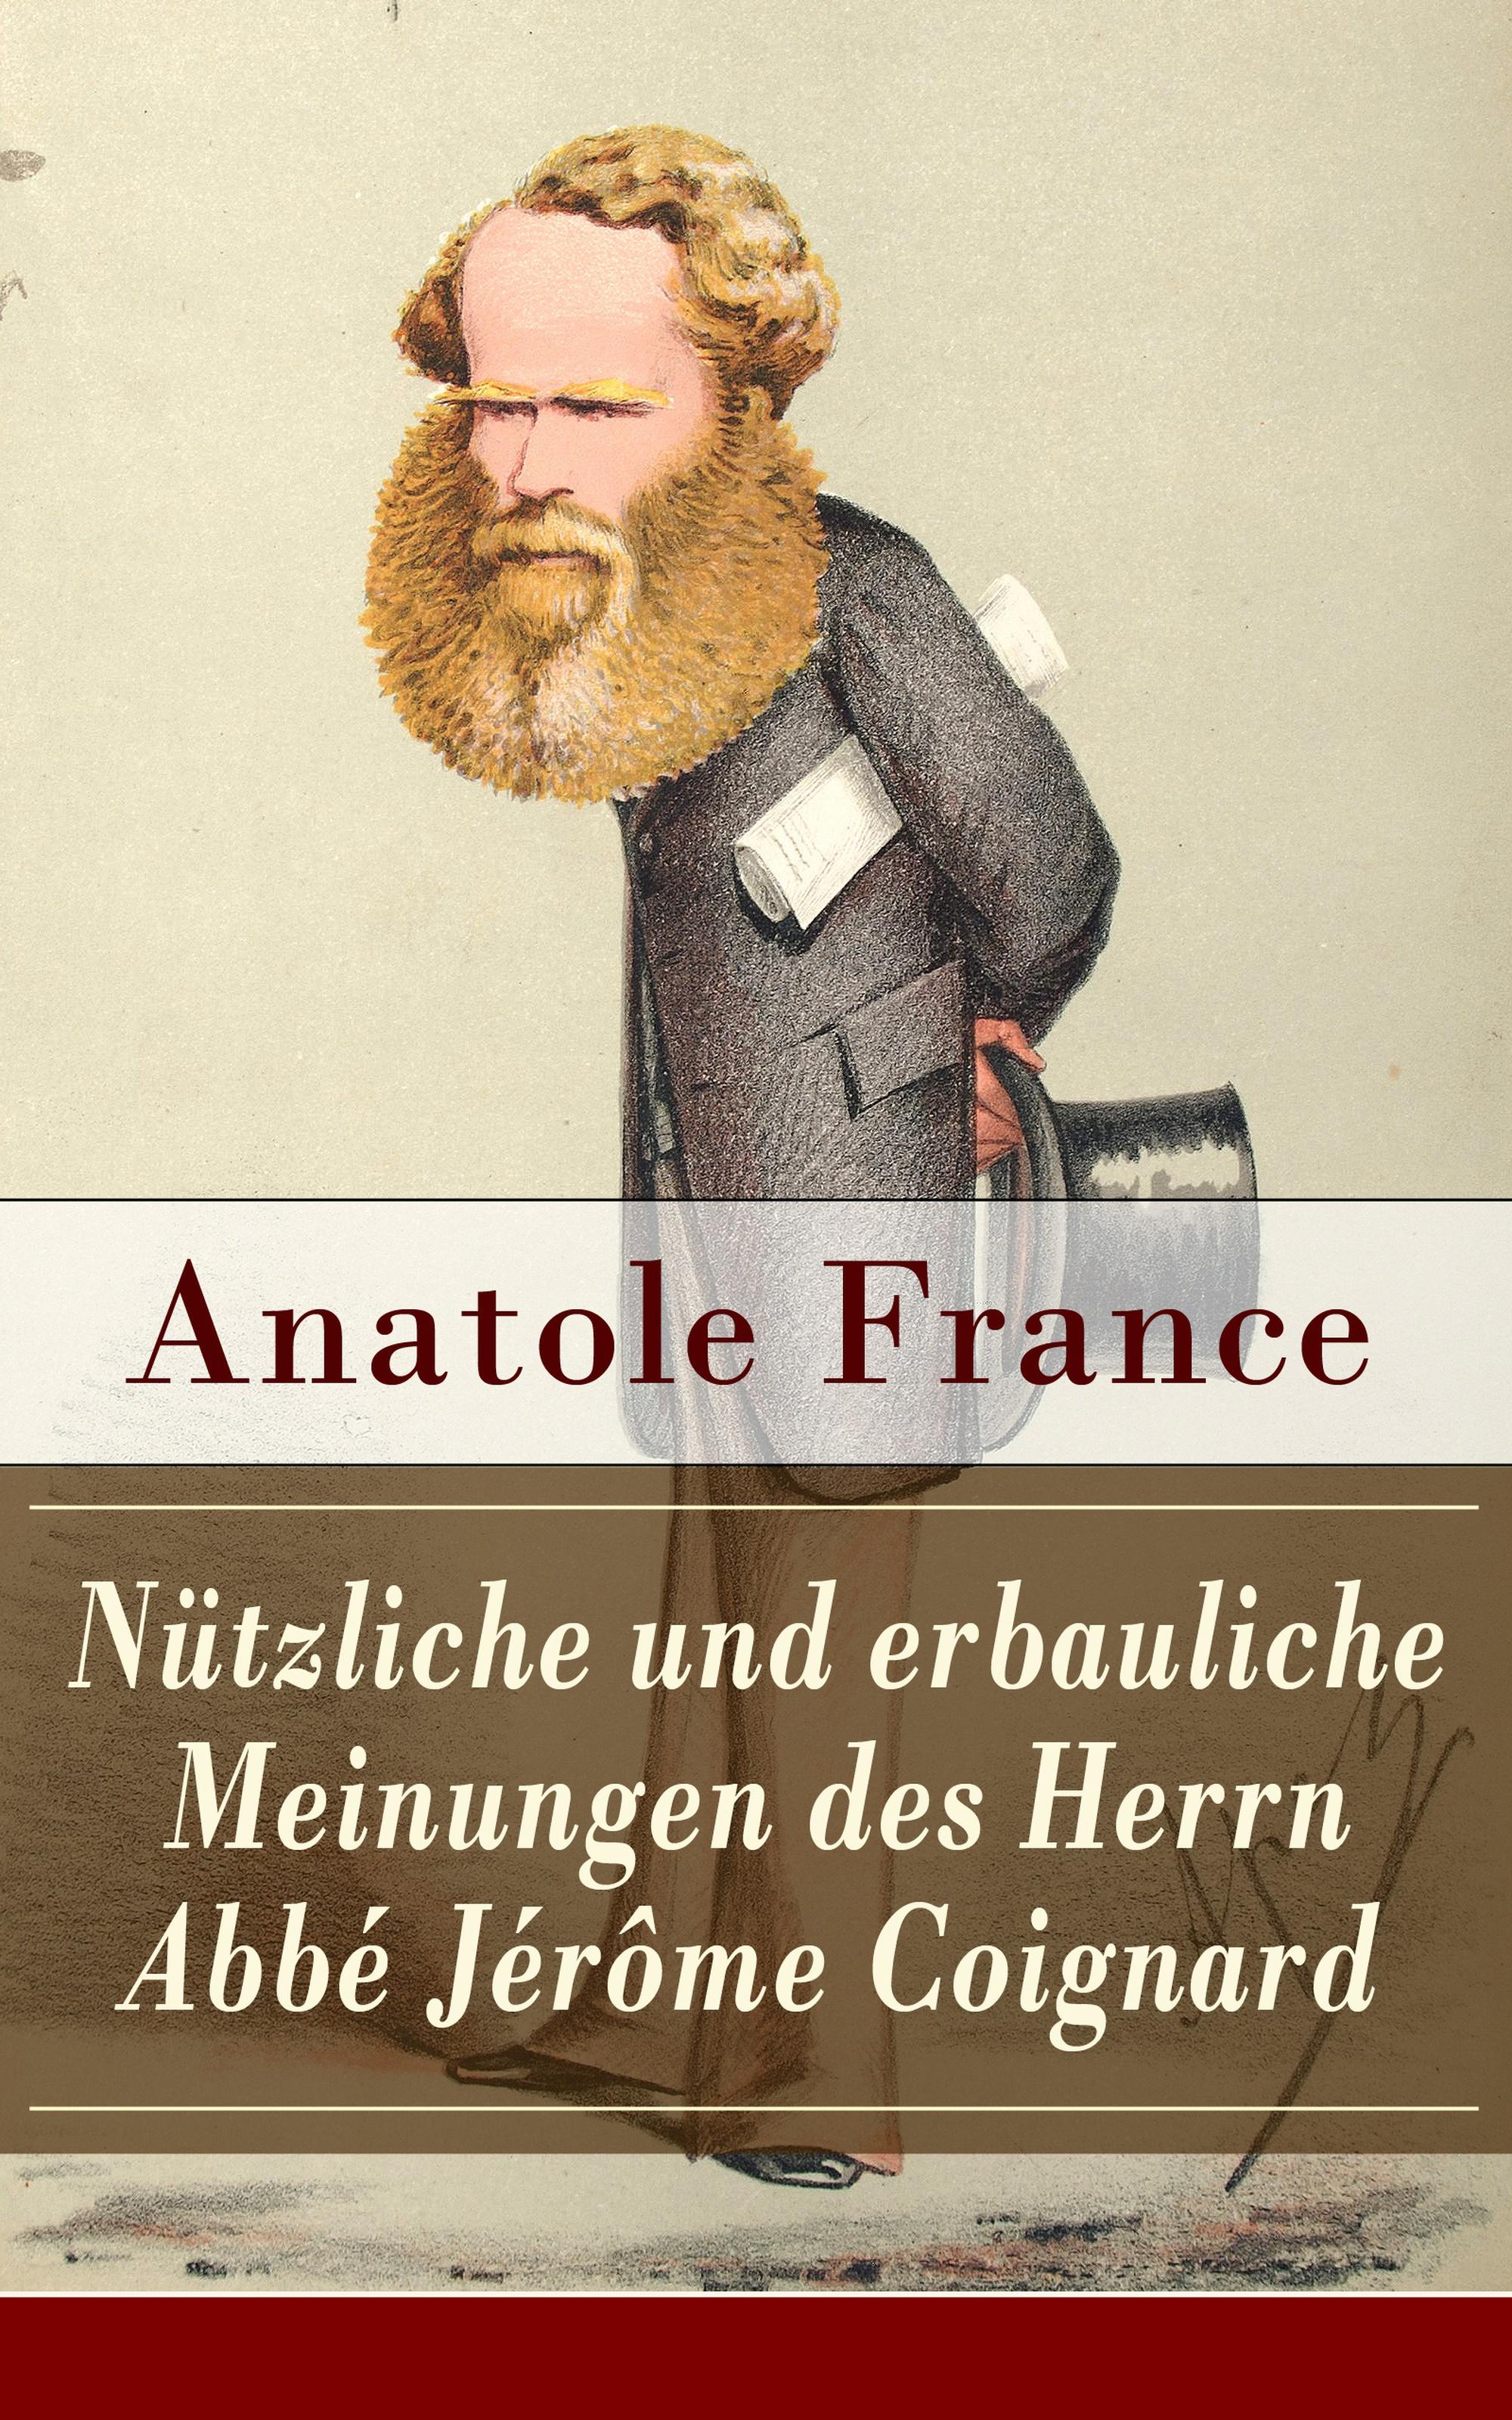 Anatole France Nützliche und erbauliche Meinungen des Herrn Abbé Jérôme Coignard m l abbé trochon italienische portraitskulpturen des xv jahrhunderts